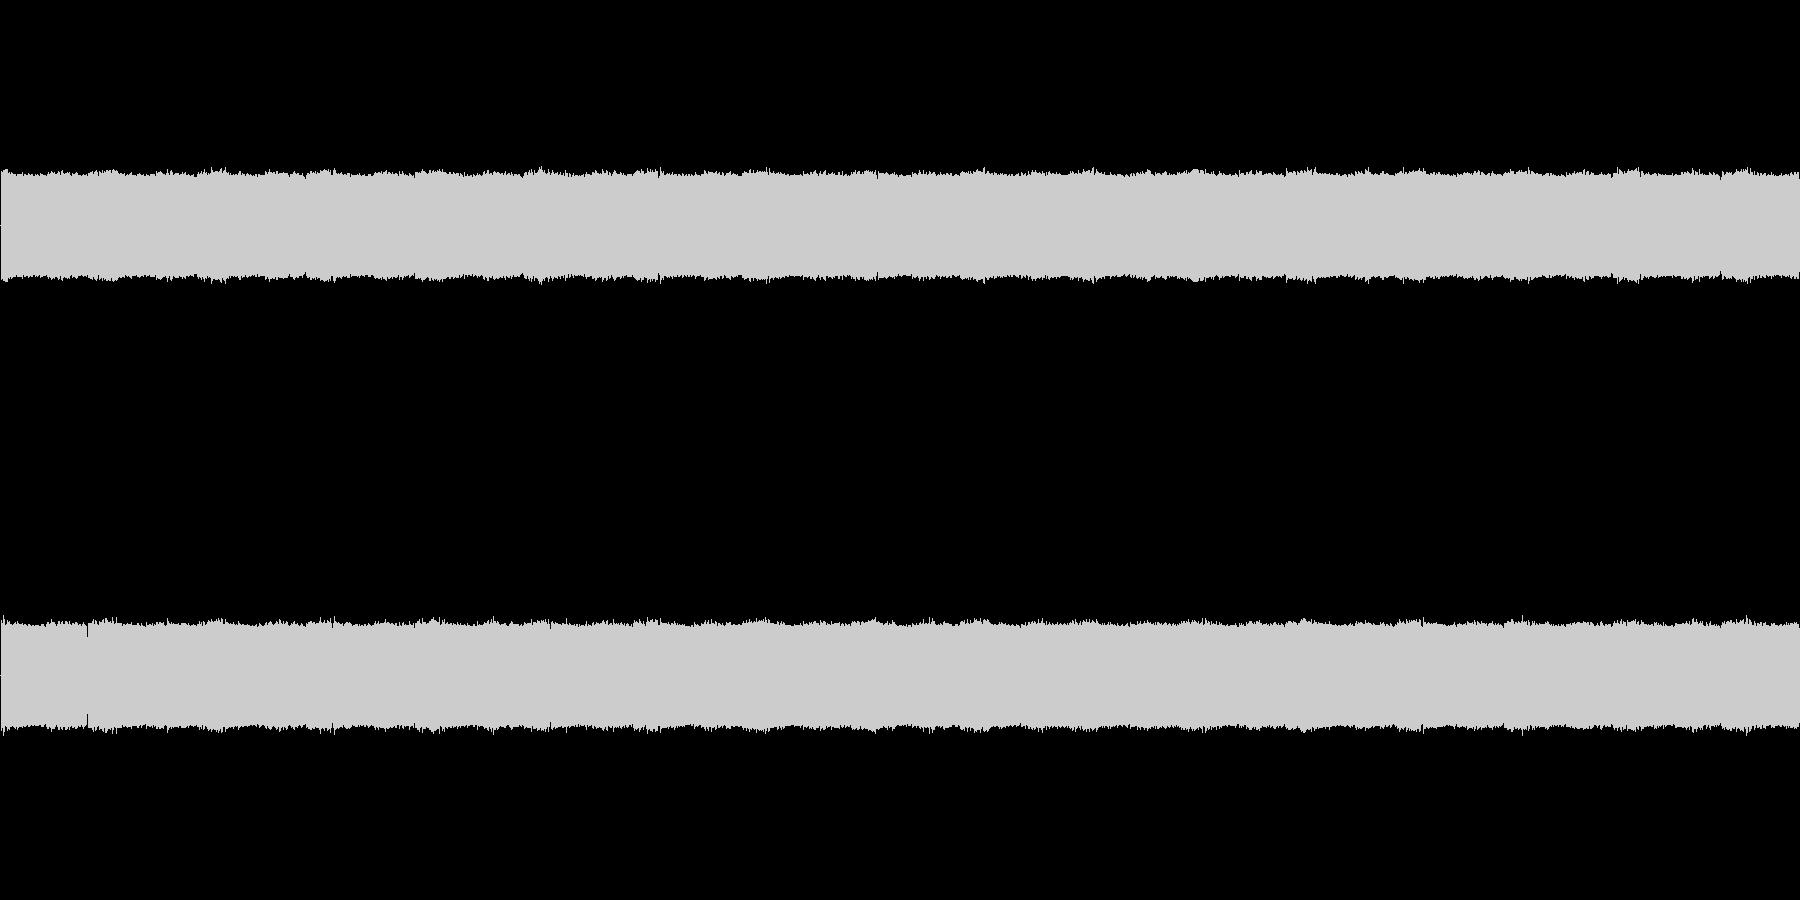 「ループ音源シリーズ」鉄塔や電線が過密…の未再生の波形